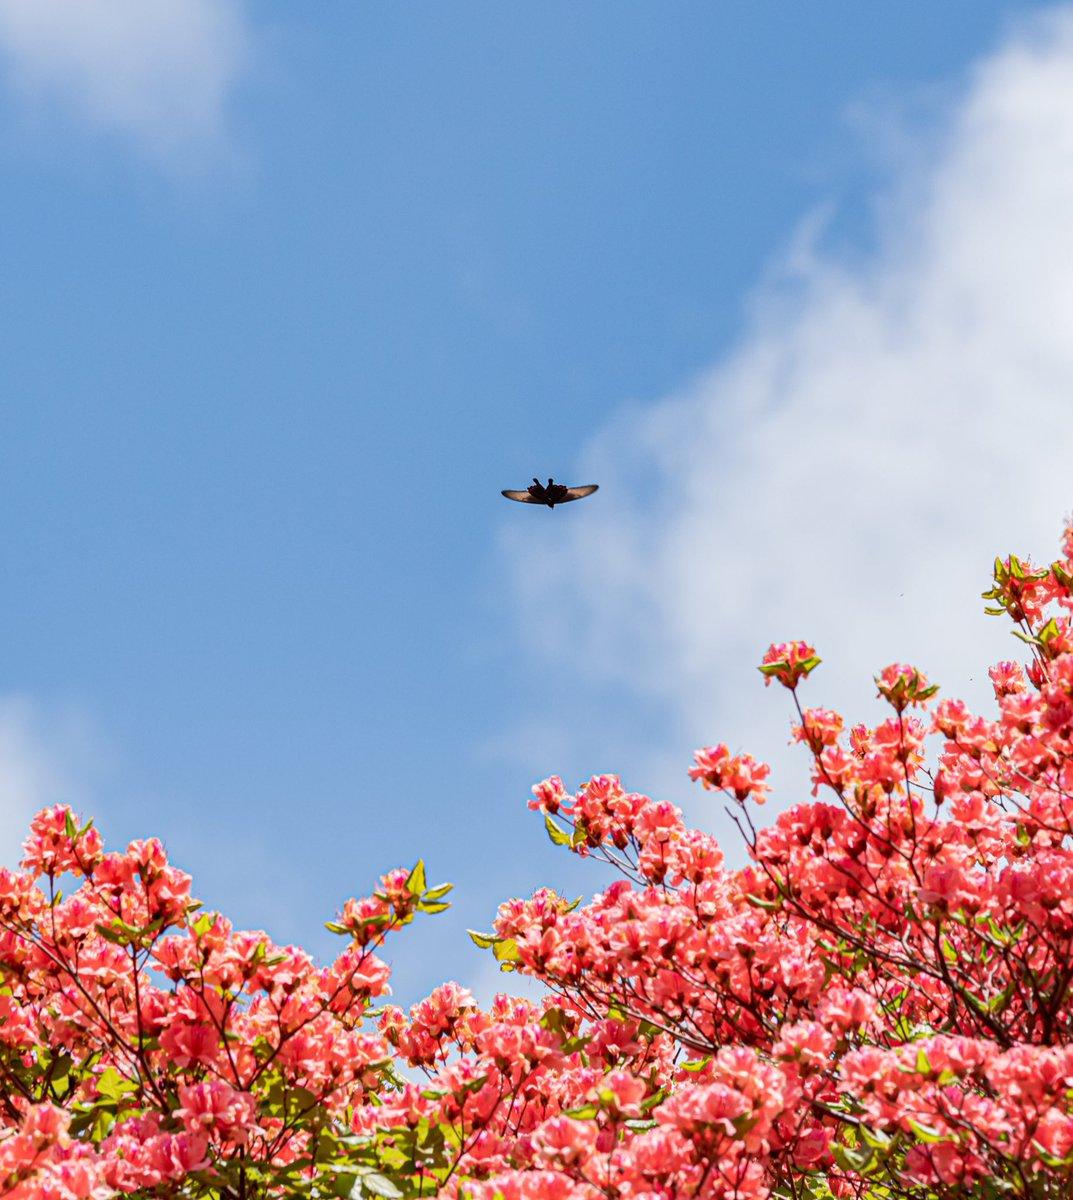 アゲハ蝶とオンツツジ 動きが素早いのでこの一枚しかなかった  #Nikon #D850 #徳島県 #船窪つつじ公園  #花 #オンツツジ #徳島カメラ部 #ファインダー越しの私の世界  #Flower #アゲハ蝶 #写真撮ってる人と繋がりたい #写真好きな人と繋がりたい   #カメラ男子 #Japanpic.twitter.com/60PdquD9fG